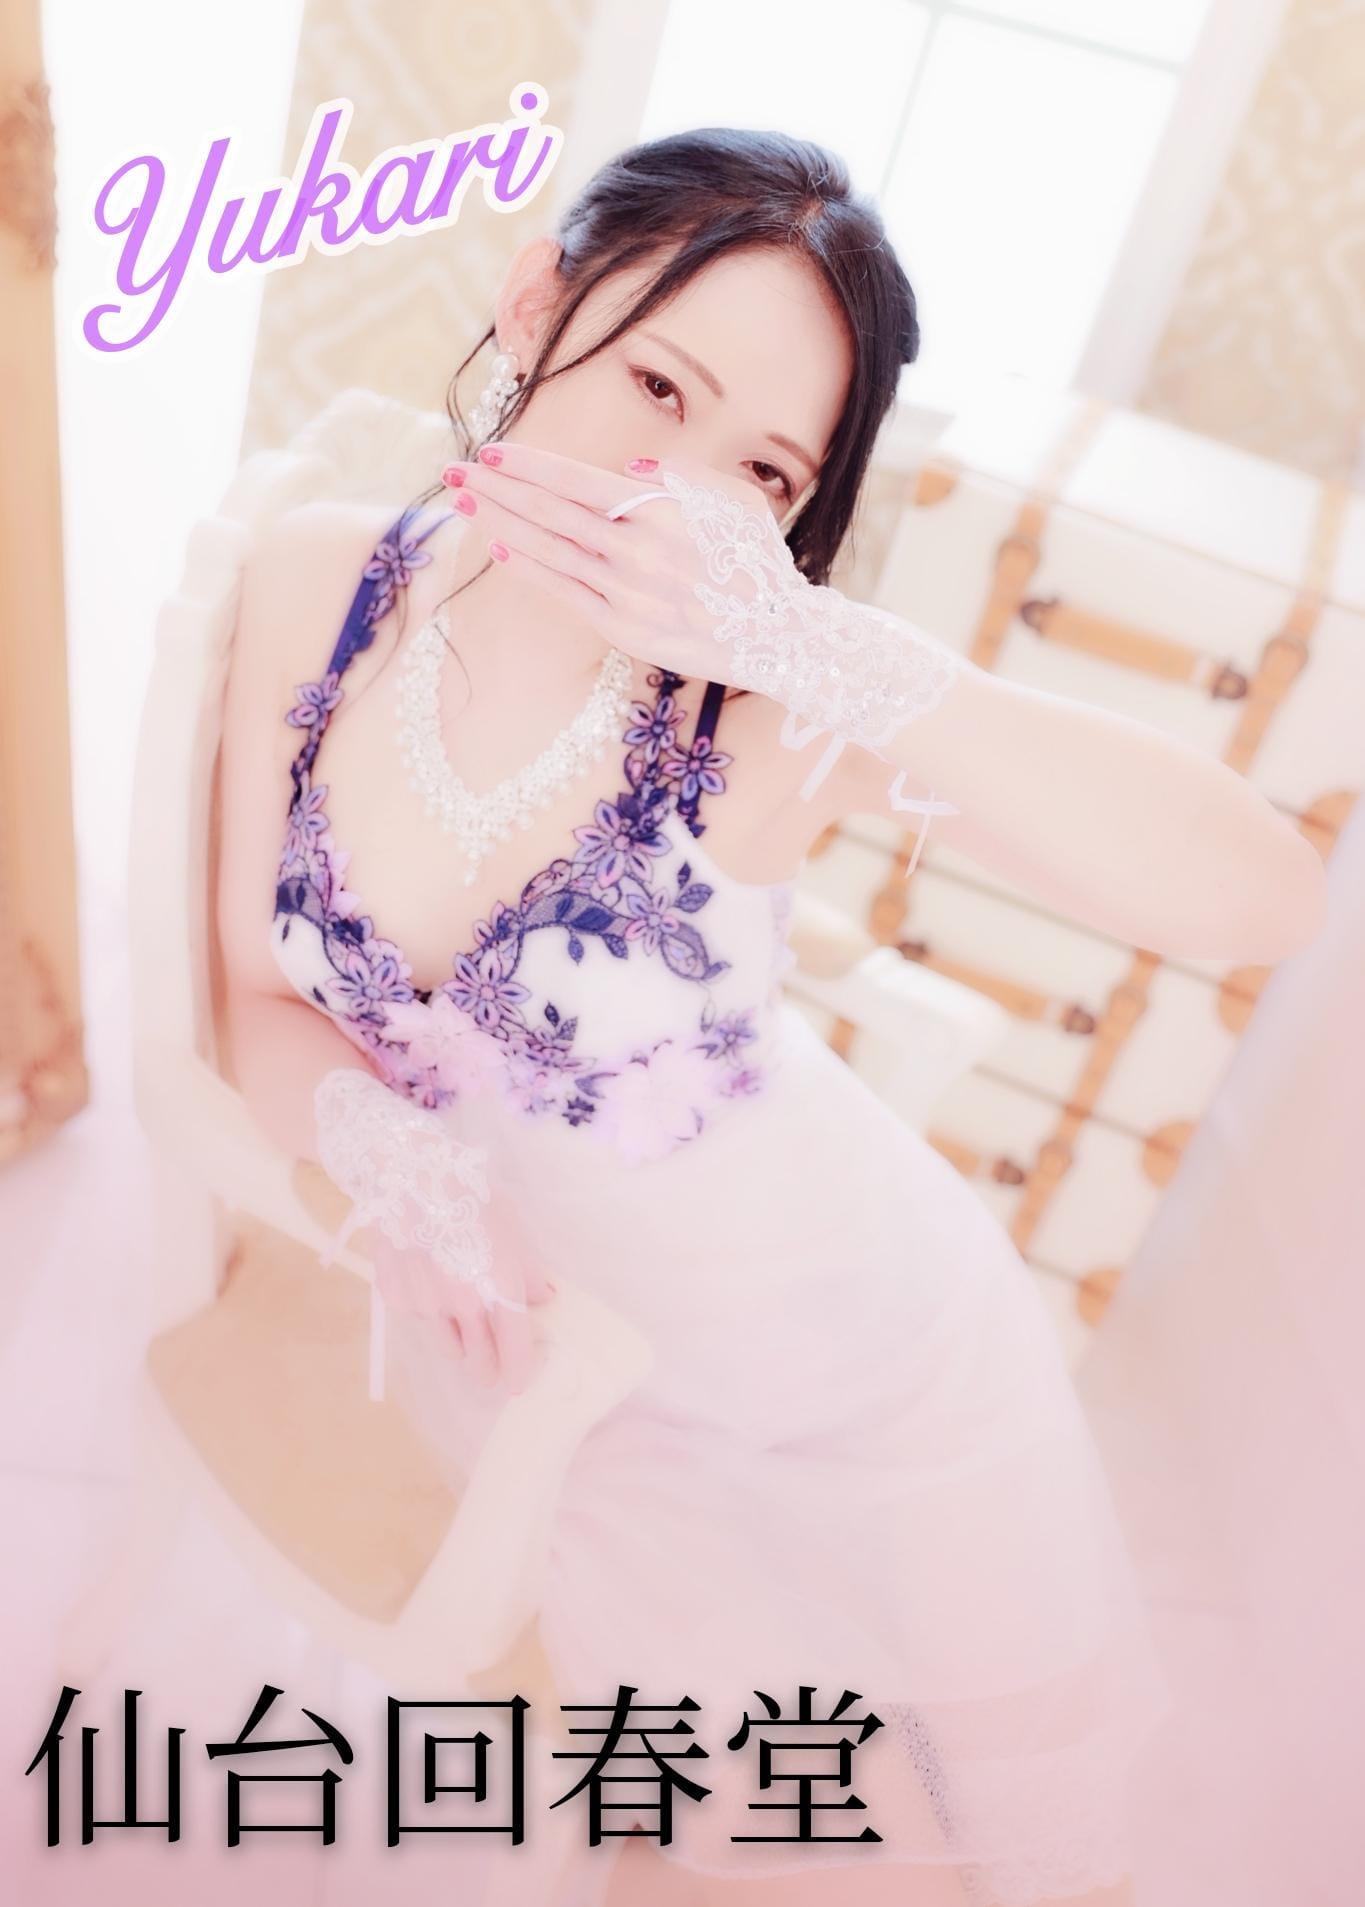 「お仕事大好き♪」07/02(07/02) 15:20 | 紫-ゆかり-の写メ・風俗動画